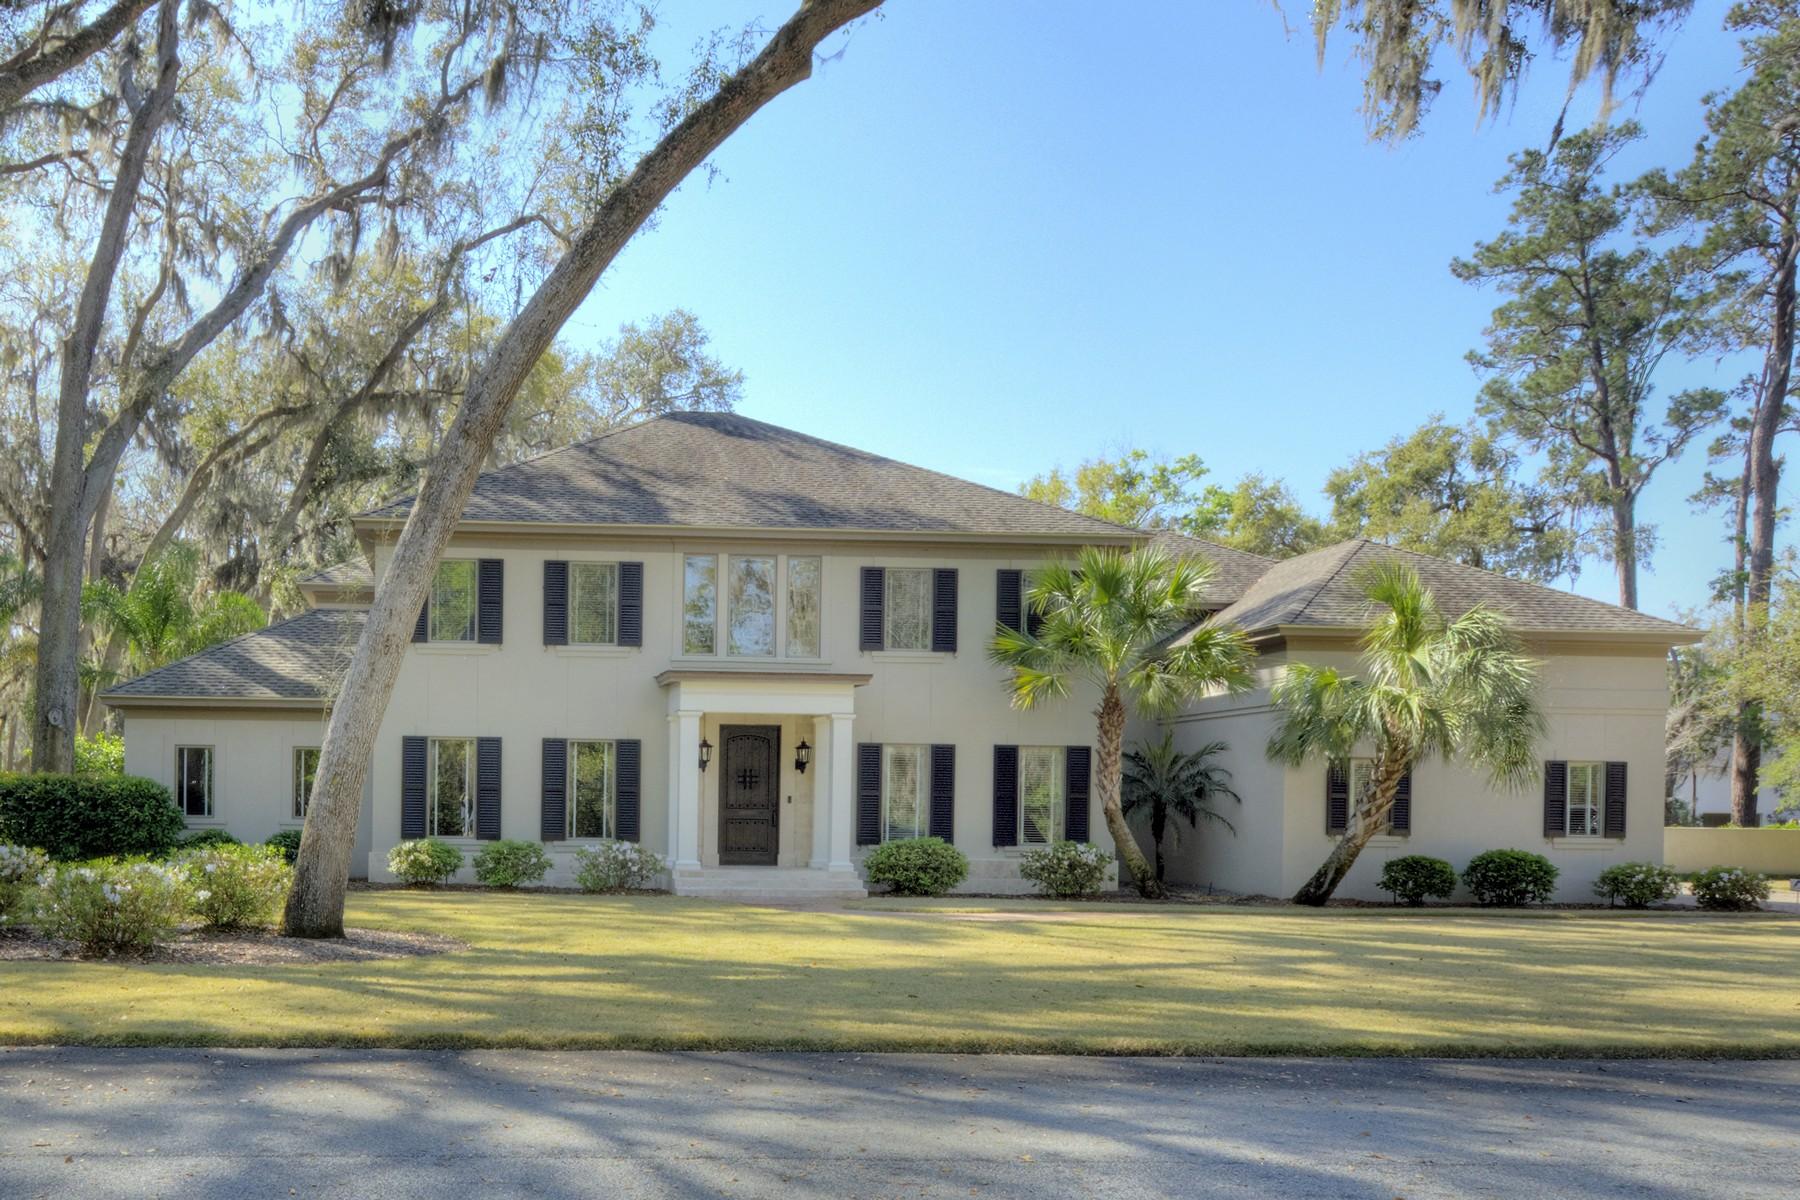 Частный односемейный дом для того Продажа на 403 Hawkins Island Drive St. Simons Island, Джорджия 31522 Соединенные Штаты